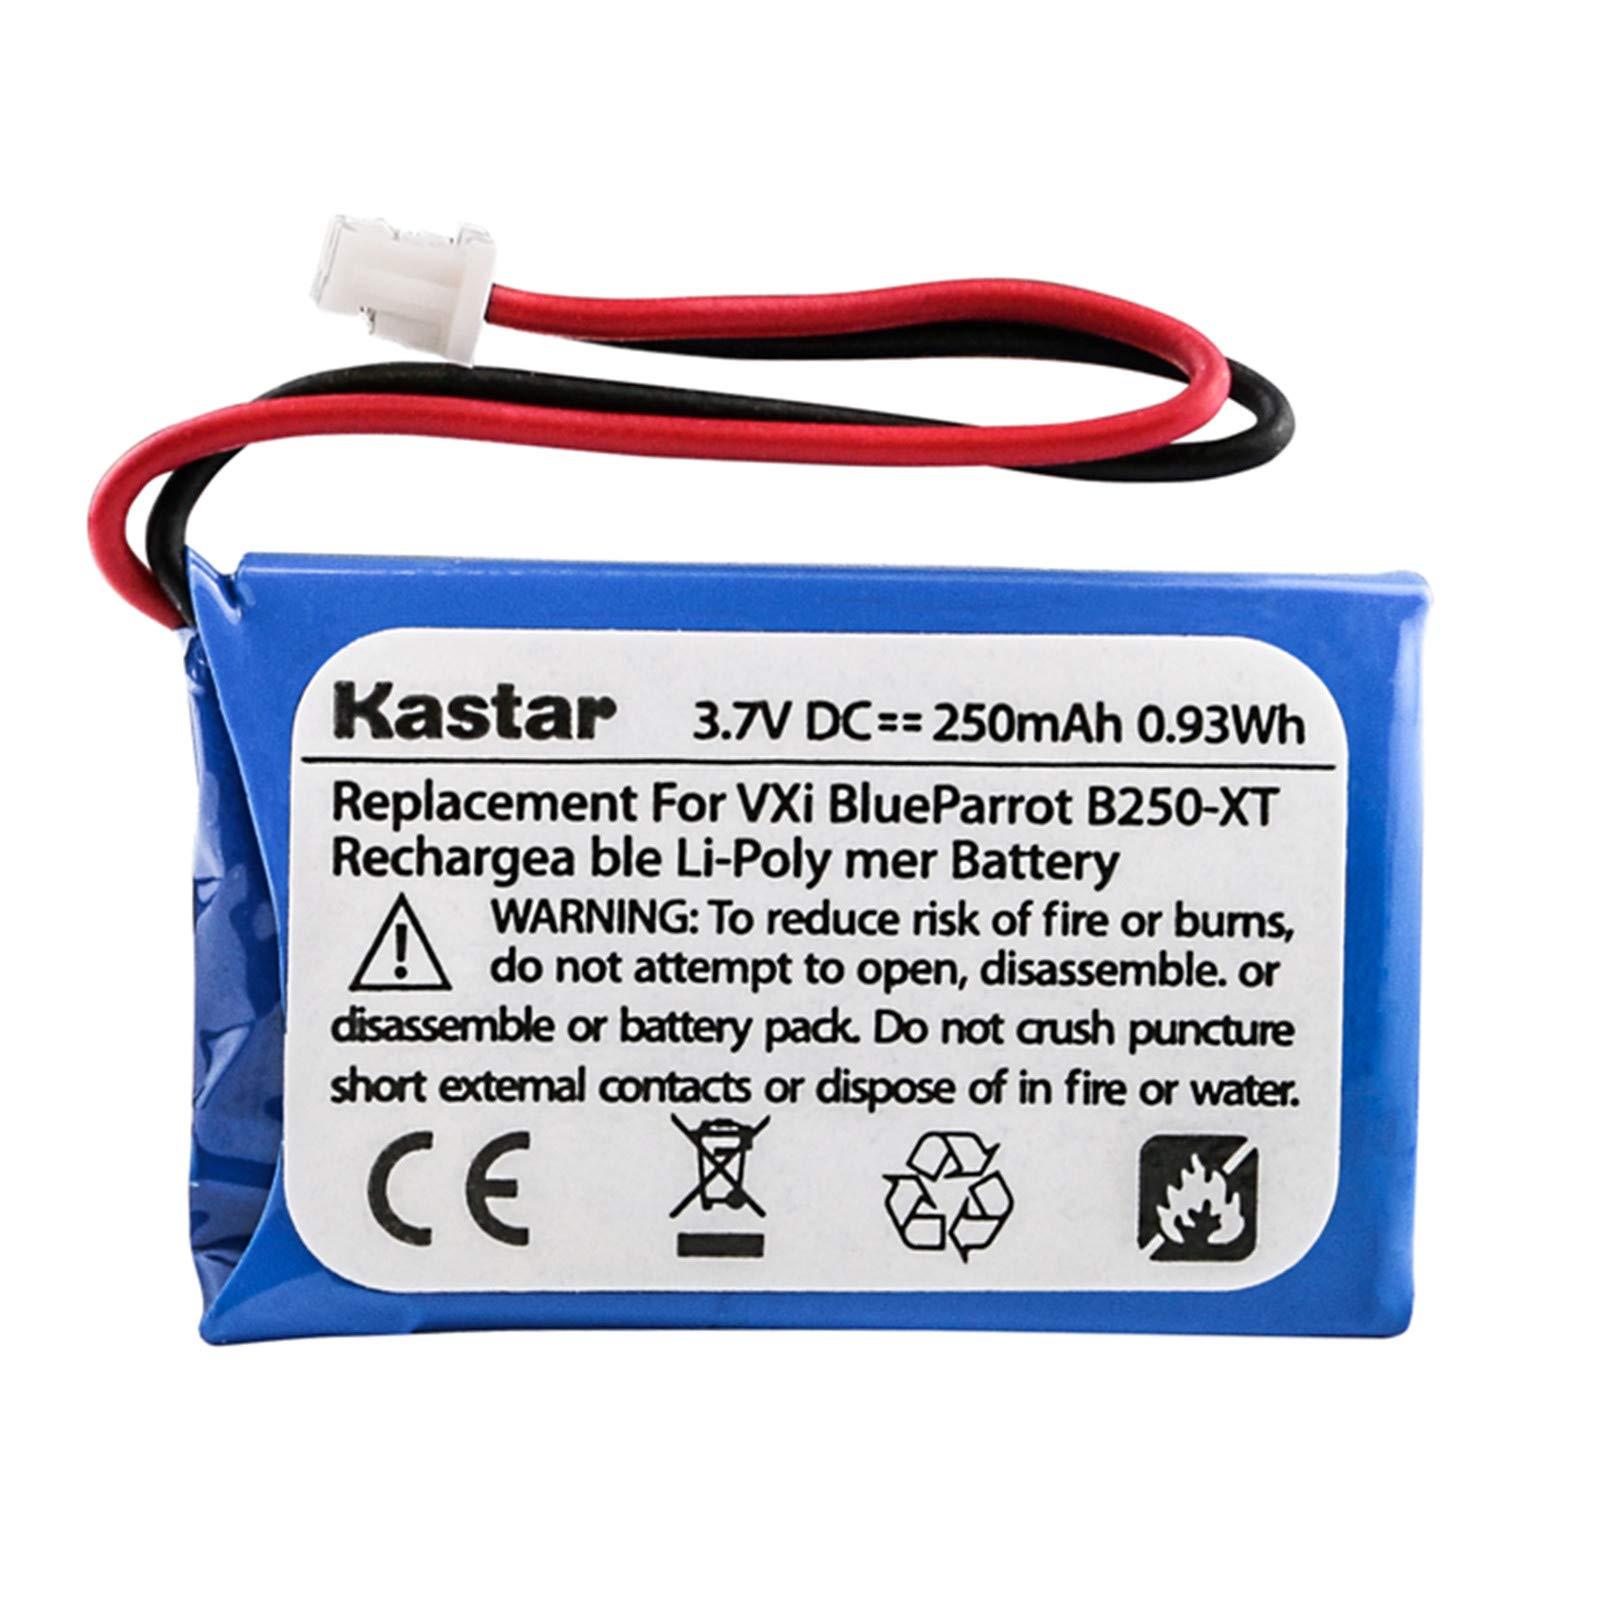 Bateria Para VXI Blue Parrott 052030 502030 BlueParrott B250